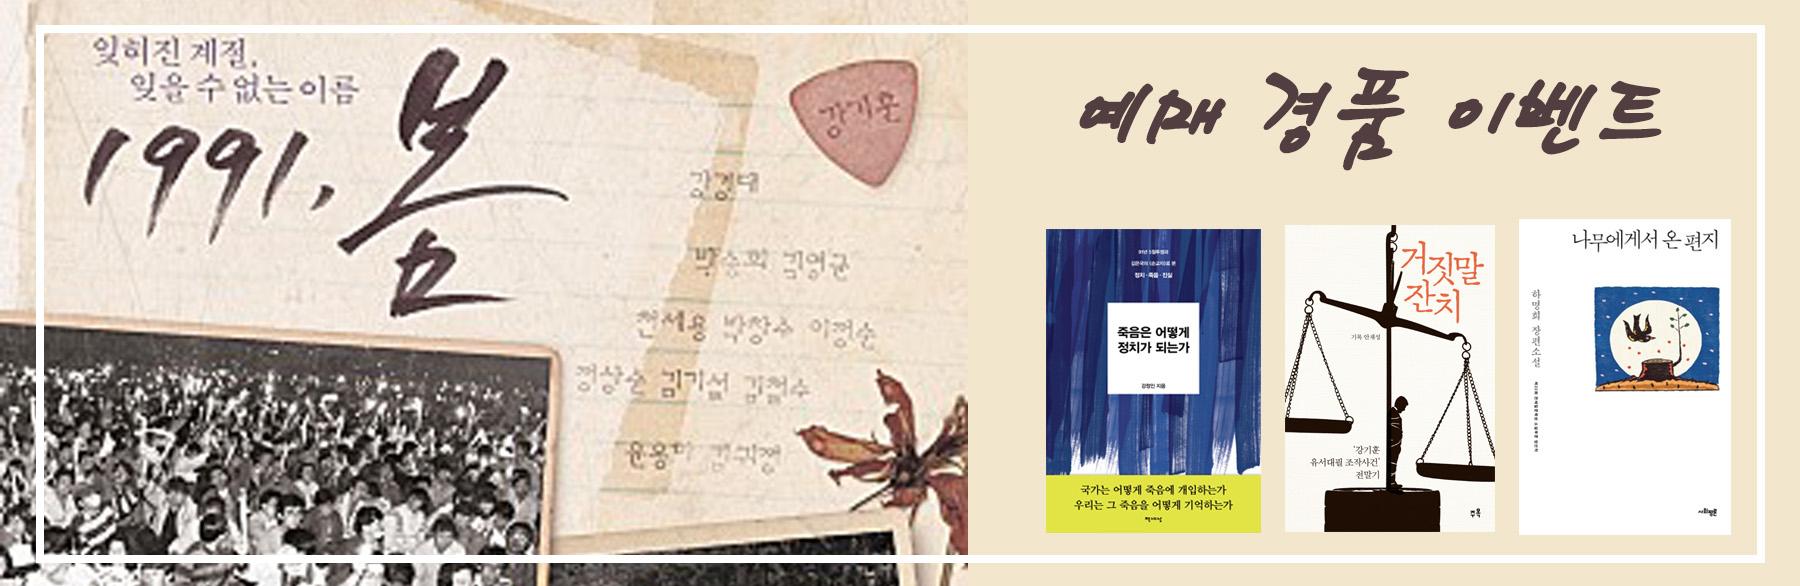 <1991, 봄> 예매 경품 이벤트